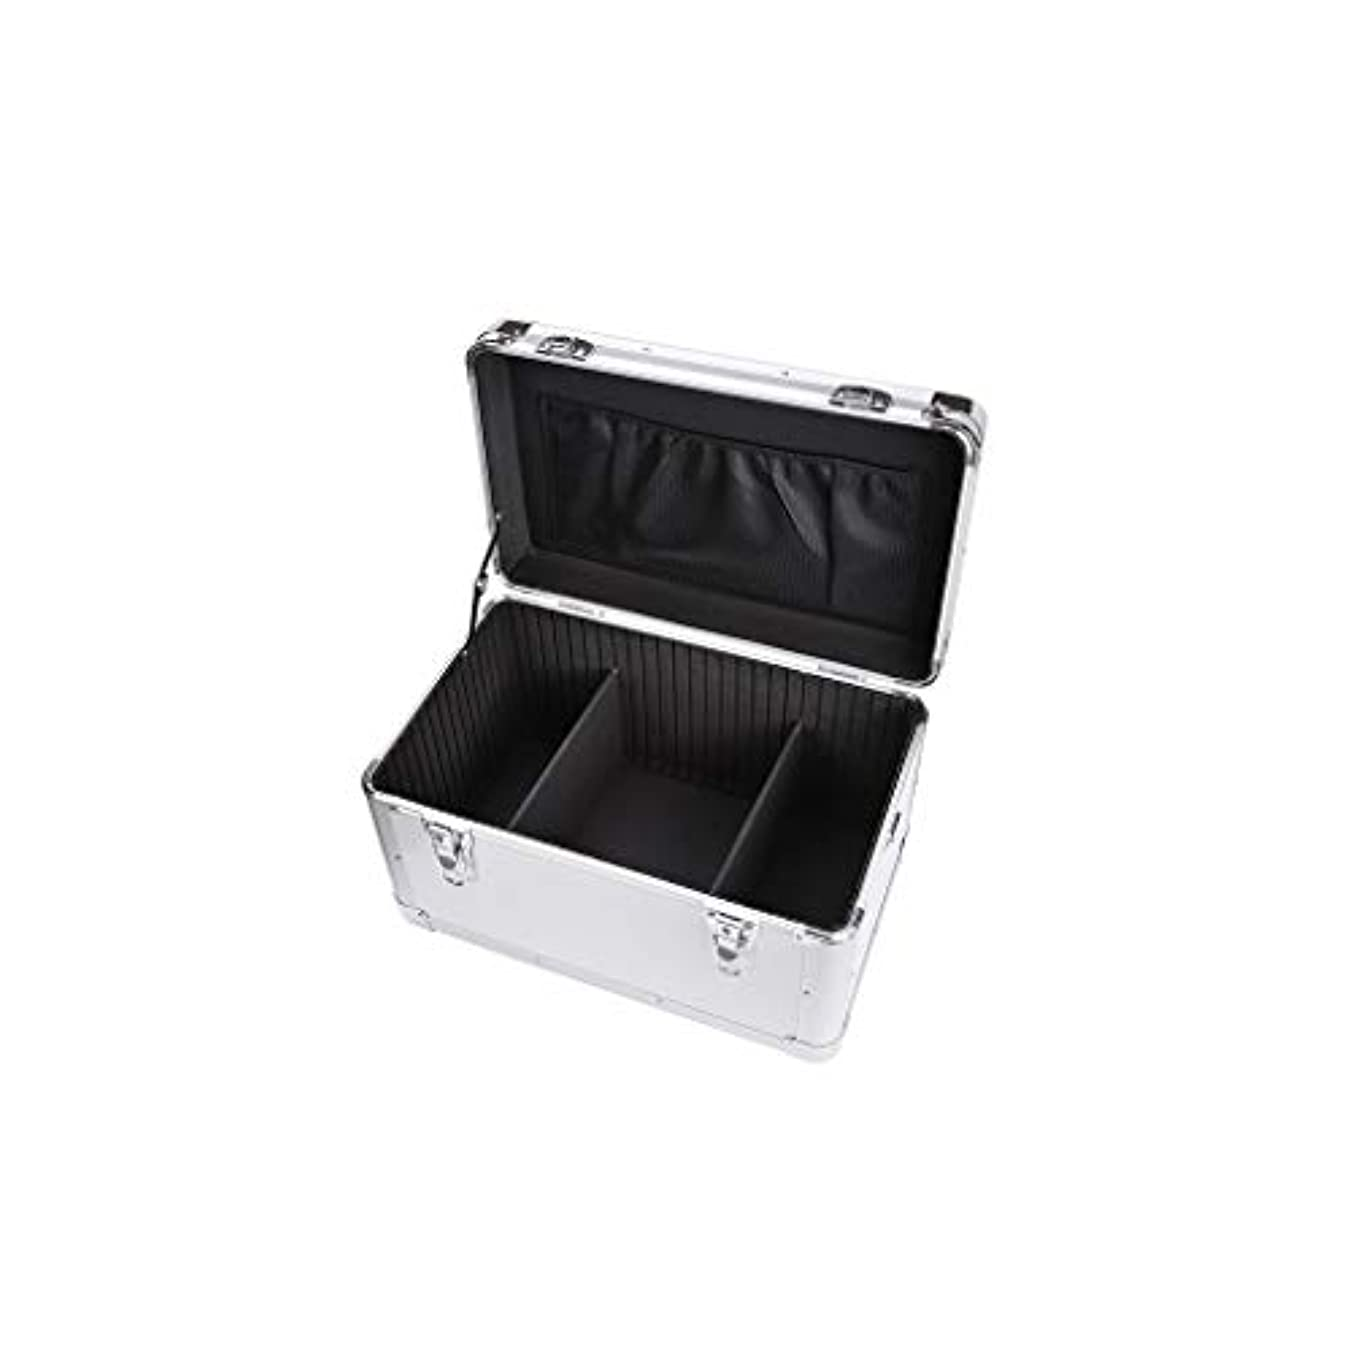 剥ぎ取る分数ヘルシー多機能医療ツールボックスポータブル応急処置キット多層薬箱 Annacboy (Color : B)